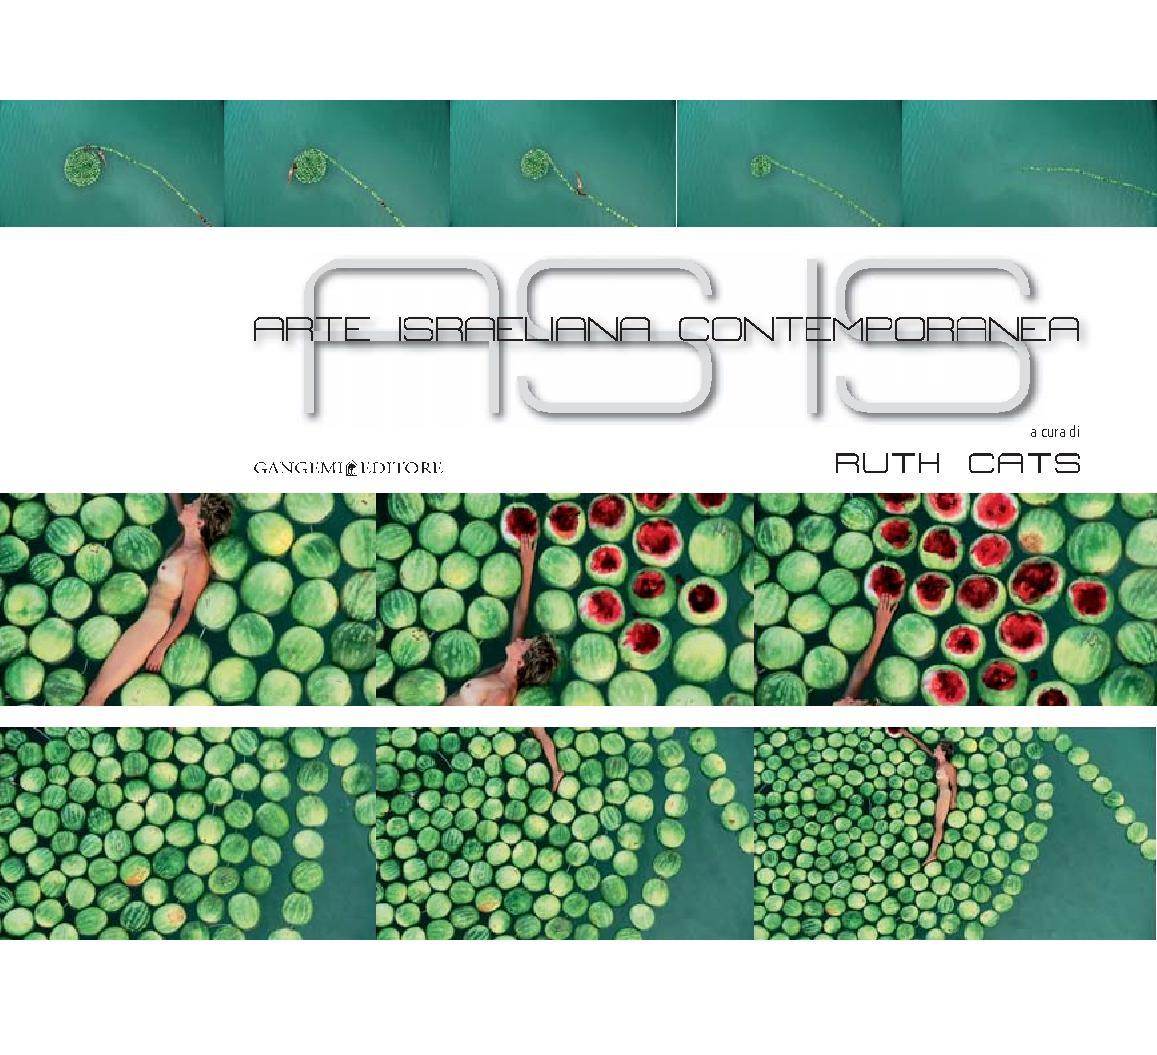 AS IS : Arte israeliana contemporanea : catalogo della mostra al Complesso del Vittoriano a Roma - [Cats, Ruth, editor] - [[S.l.] : Gangemi Editore, 2011.]